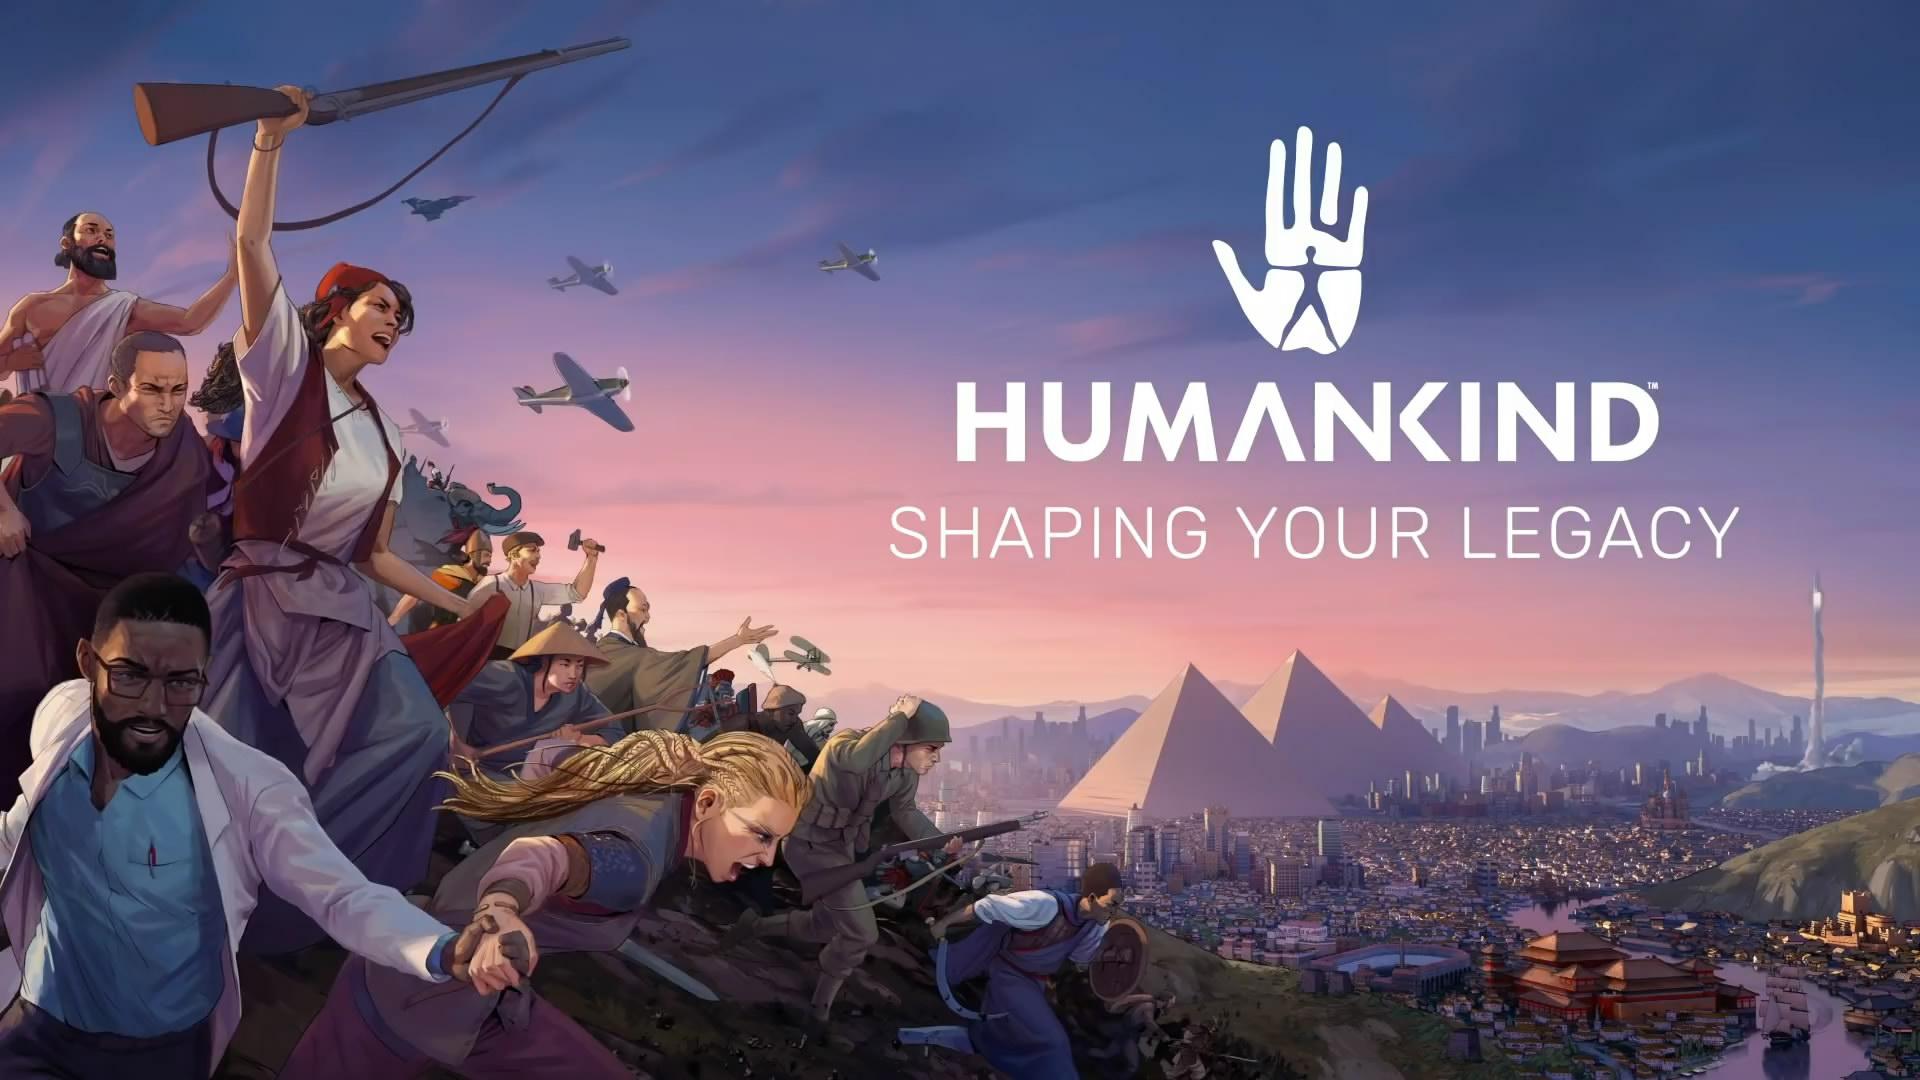 策略游戏《人类》新视频发布 打造自己独特的文明